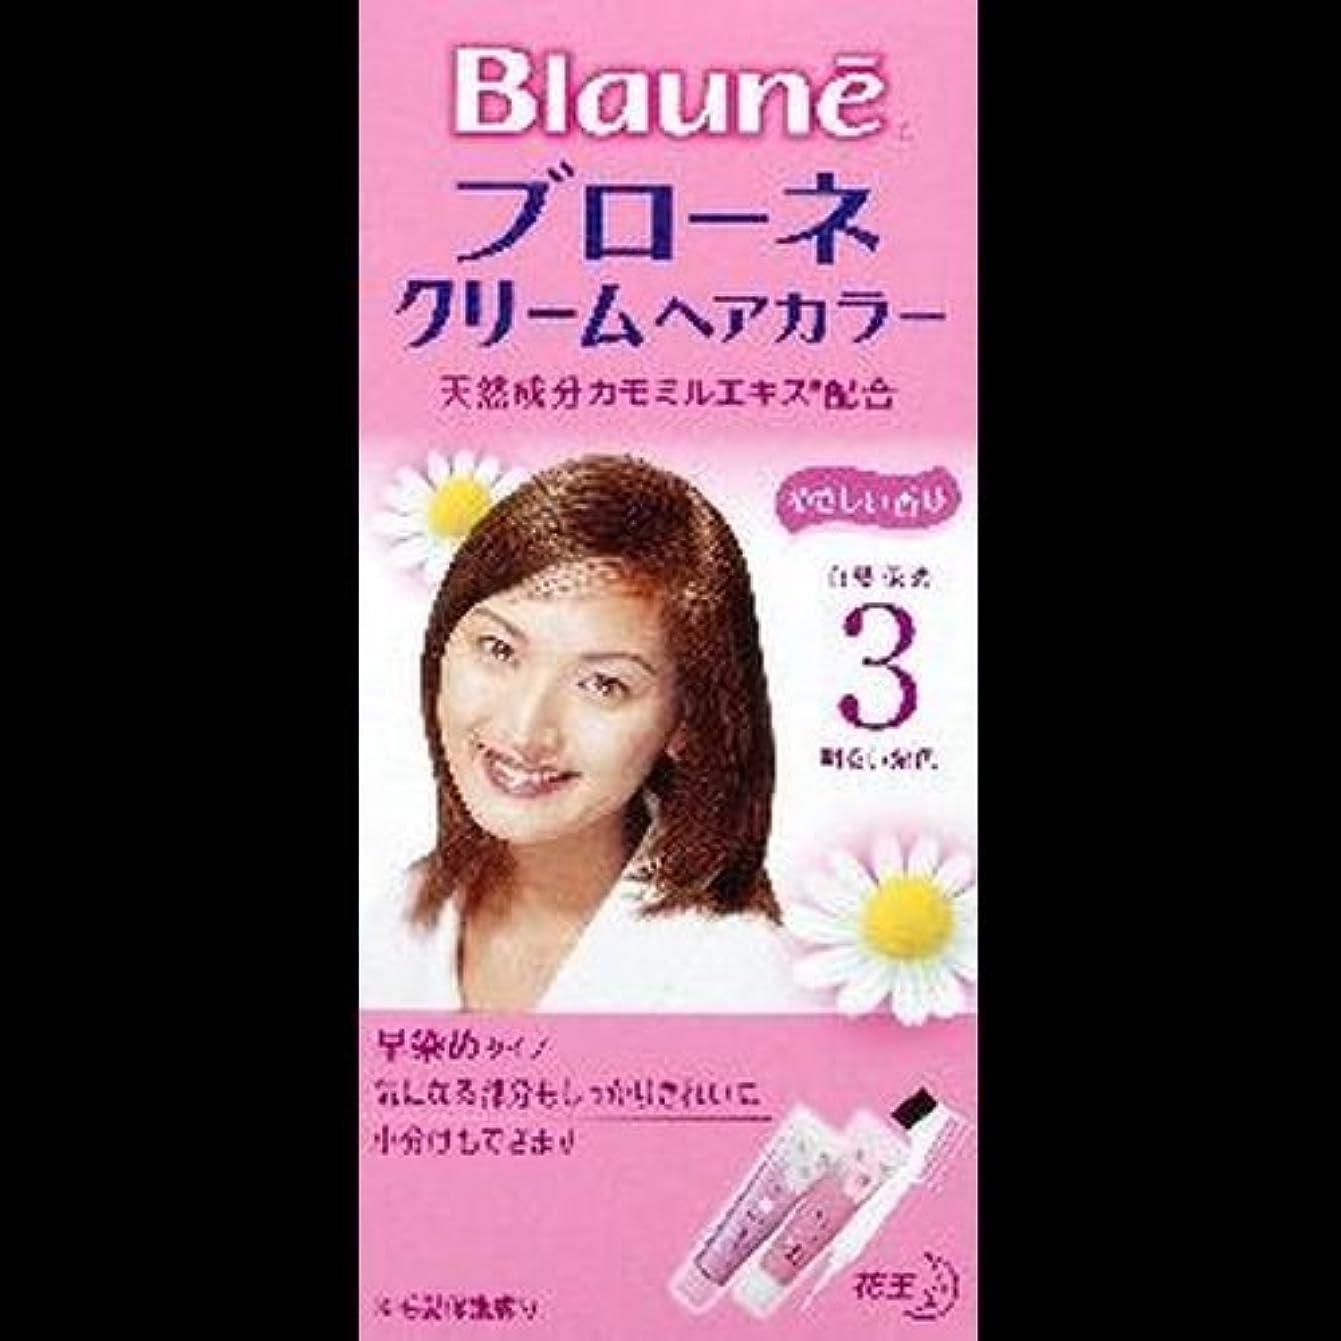 【まとめ買い】ブローネクリームヘアカラー 3 明るい栗色 ×2セット